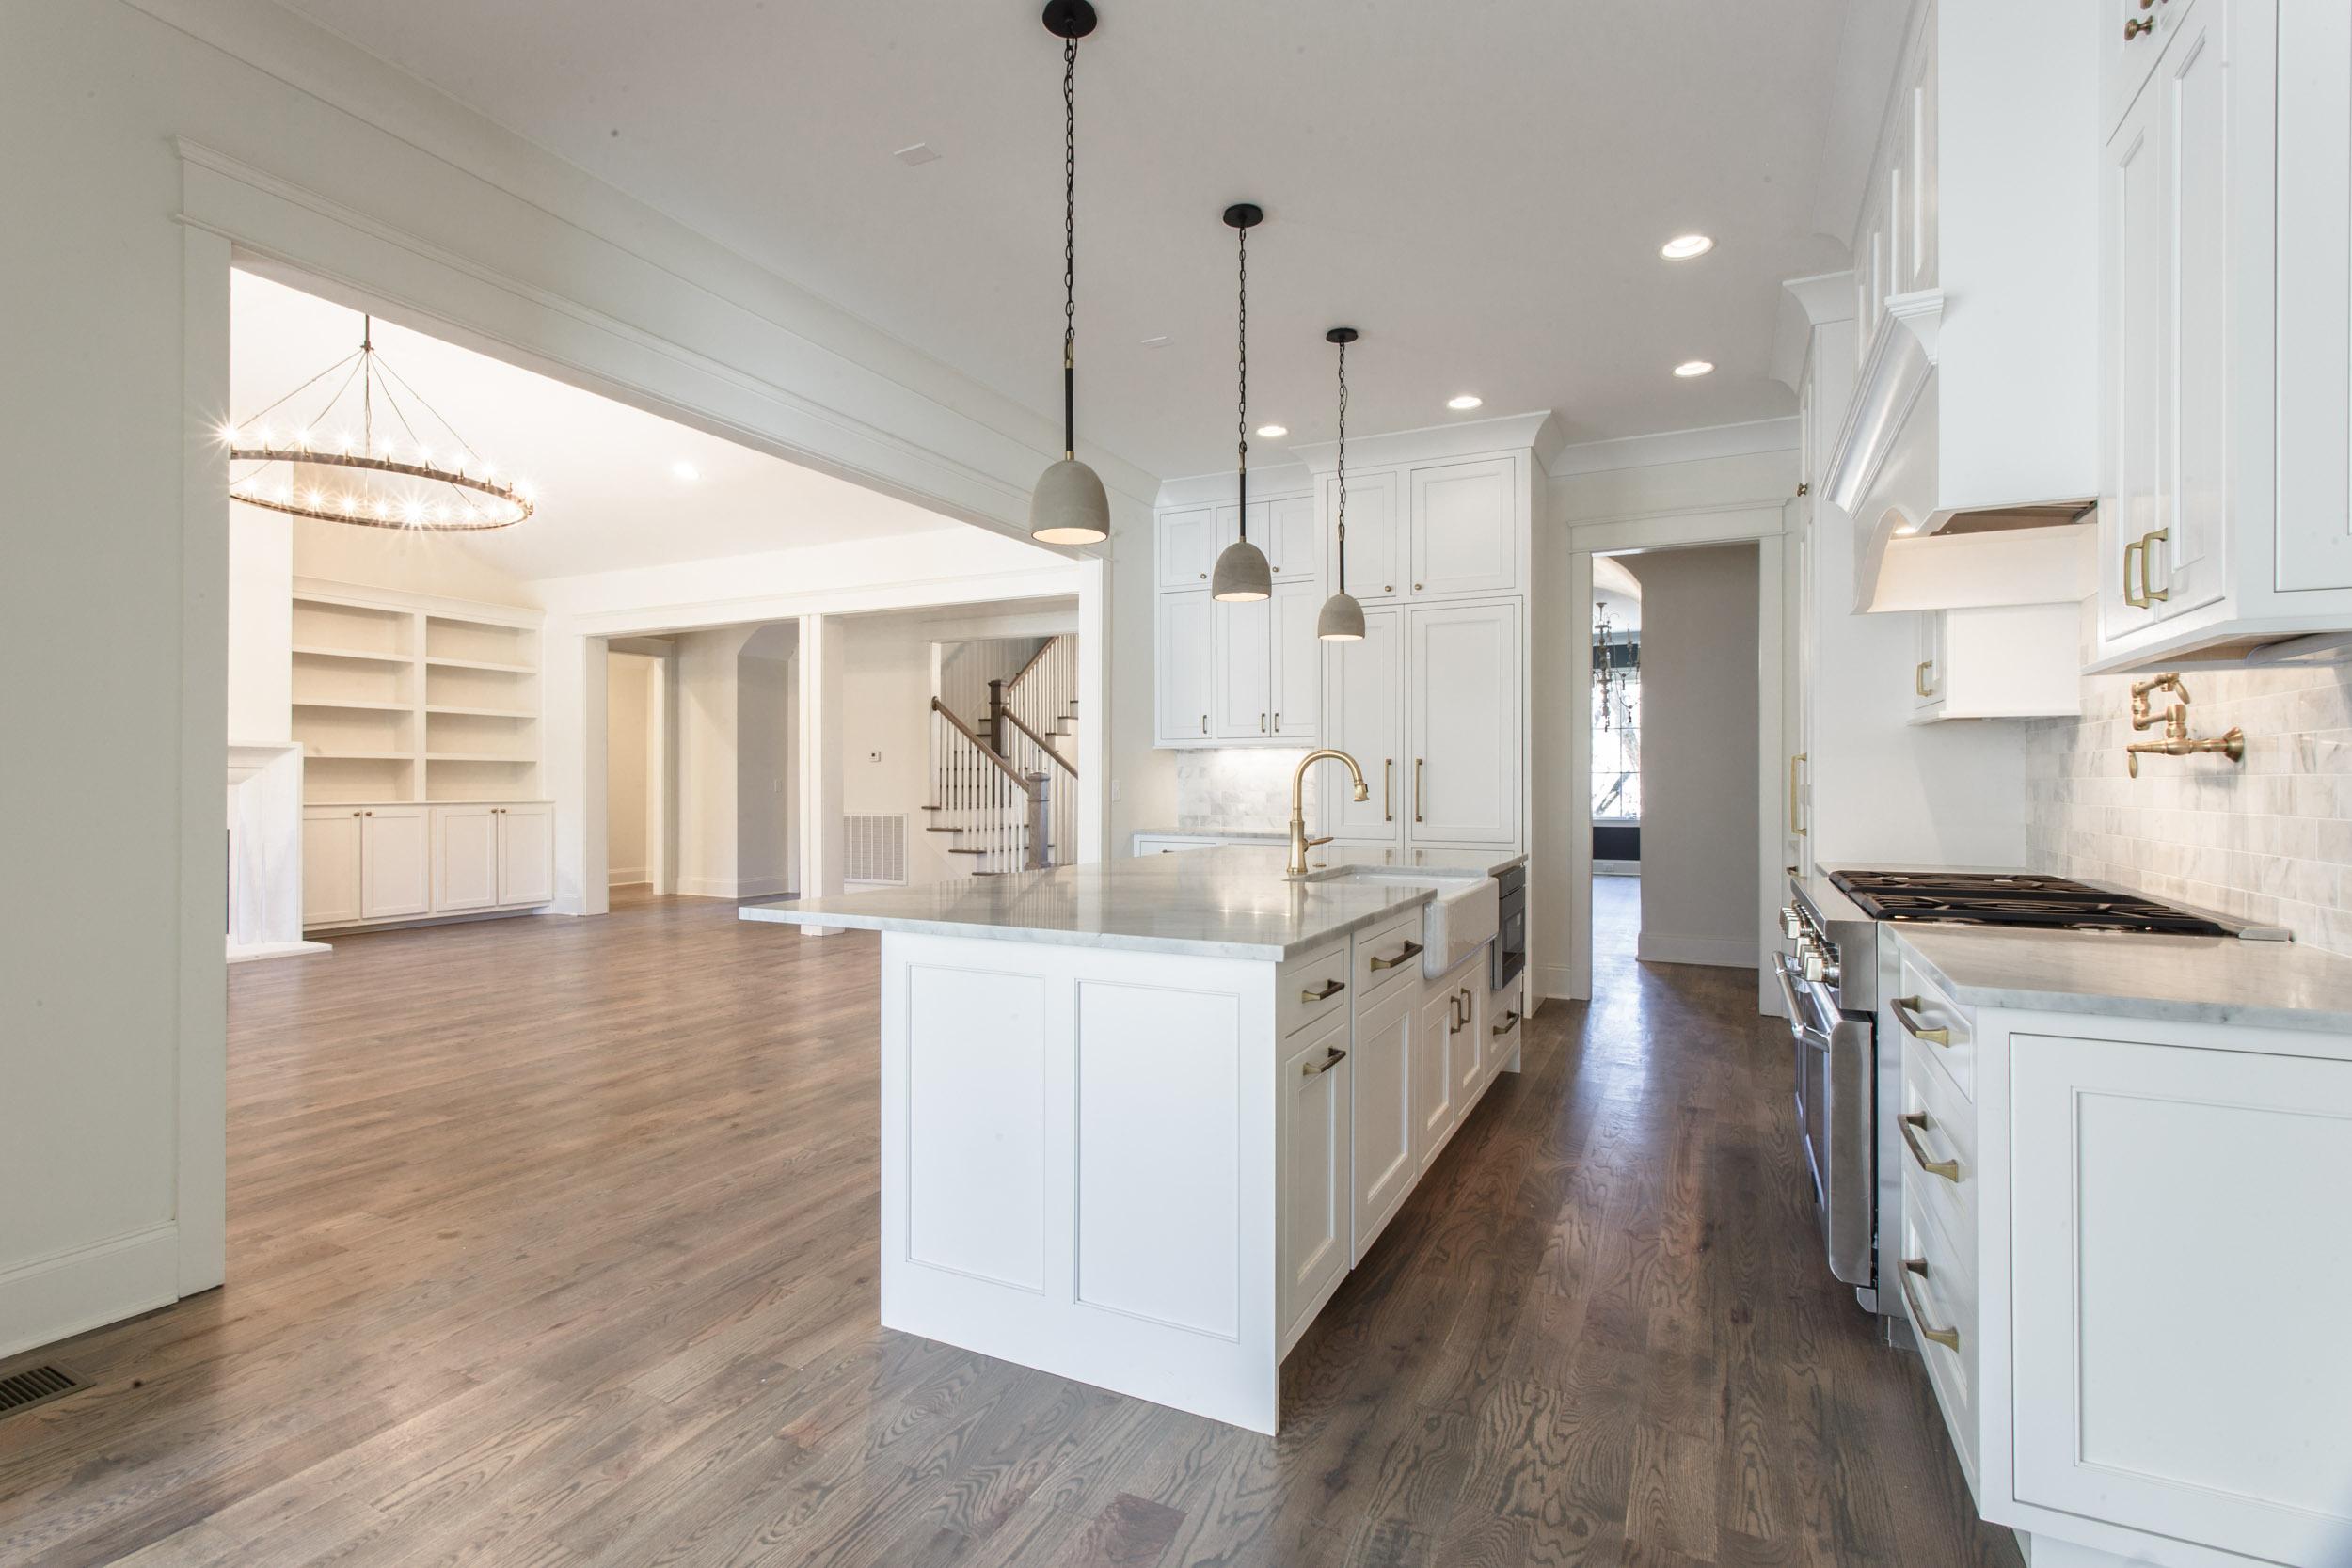 nashville-custom-home-belle-meade-real-estate-chandelier-development-4730.jpg